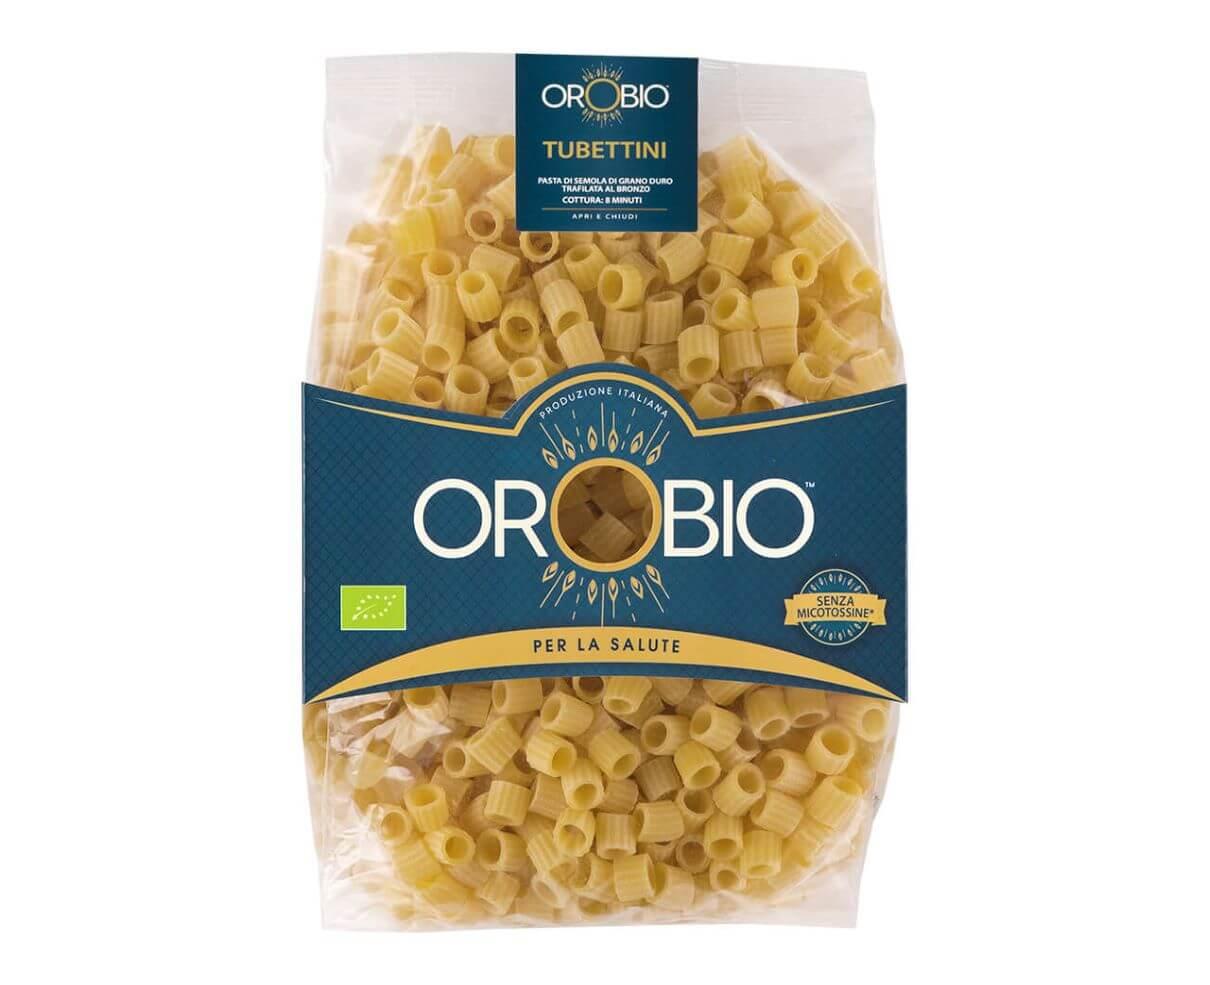 Tubettini Orobio 500gr